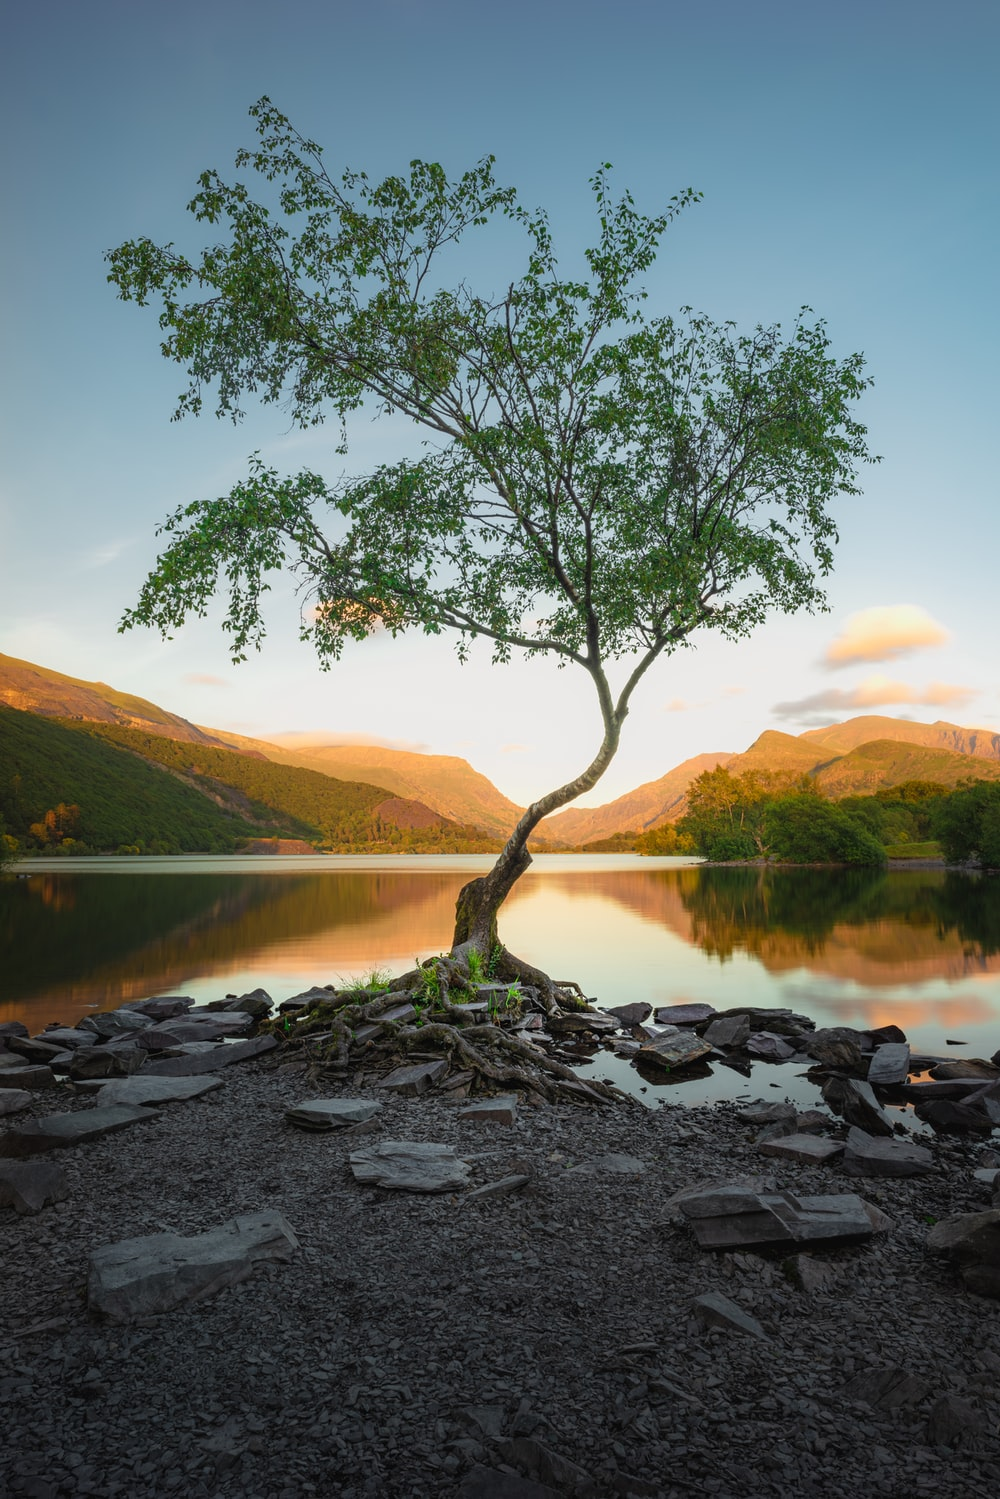 green tree near lake during daytime